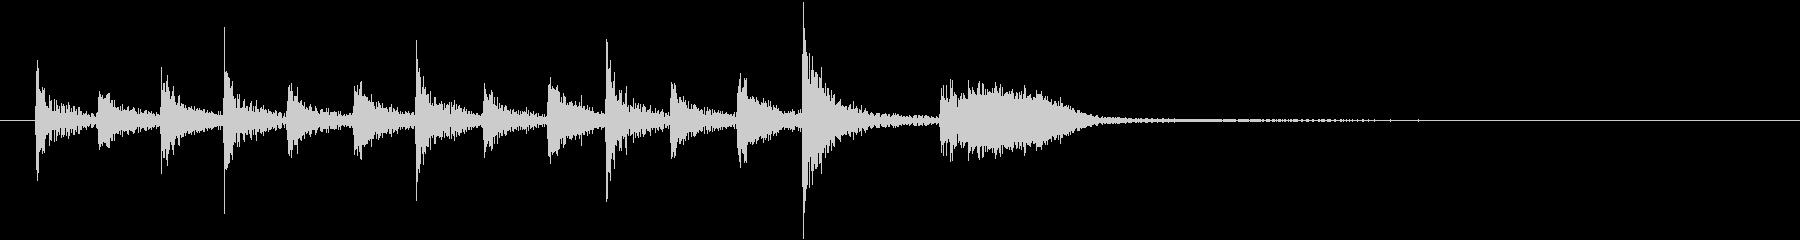 コメディアクセント、音楽、パーカッ...の未再生の波形